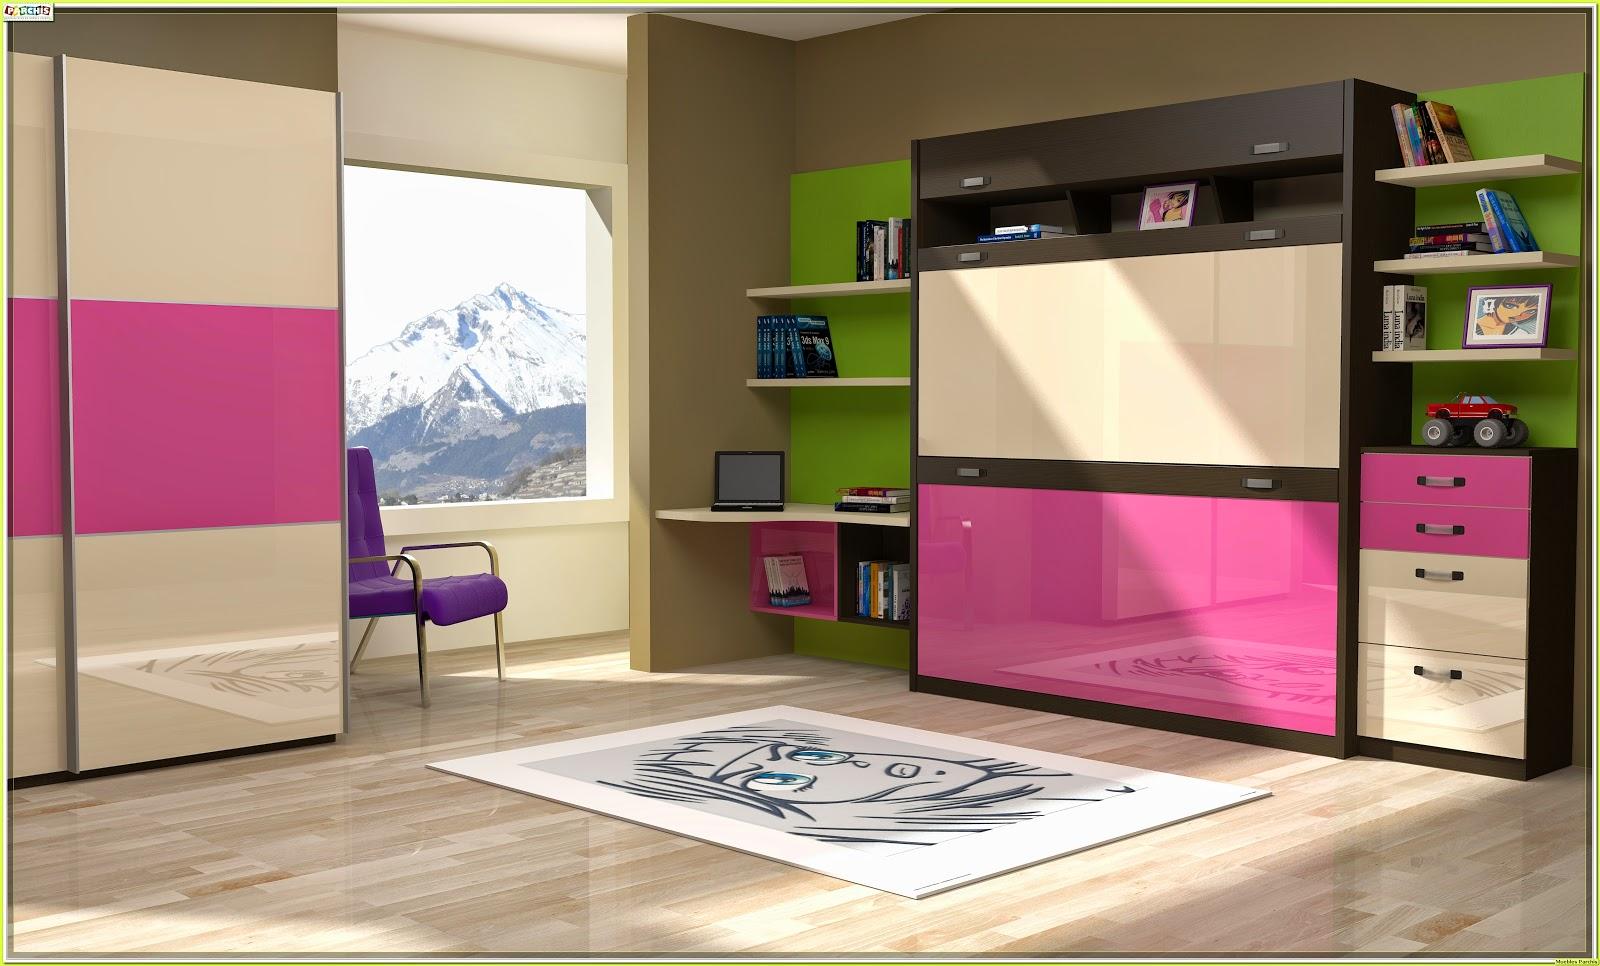 Muebles juveniles dormitorios infantiles y habitaciones juveniles en madrid 07 01 2014 08 - Dormitorios infantiles madrid ...